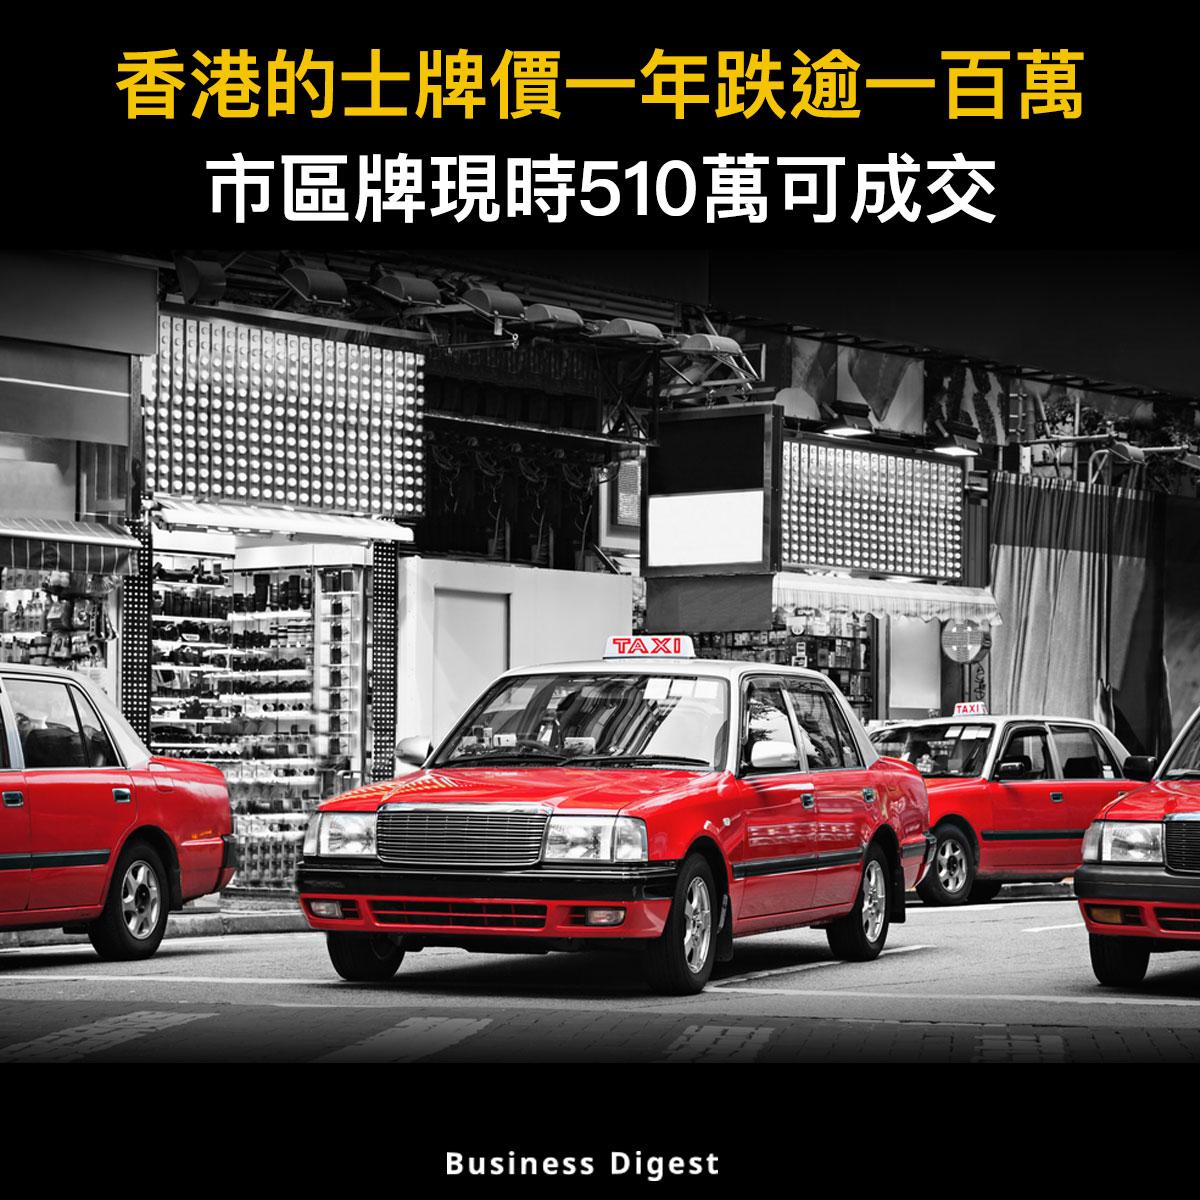 【商業熱話】香港的士牌價一年跌逾一百萬,市區牌現時510萬可成交